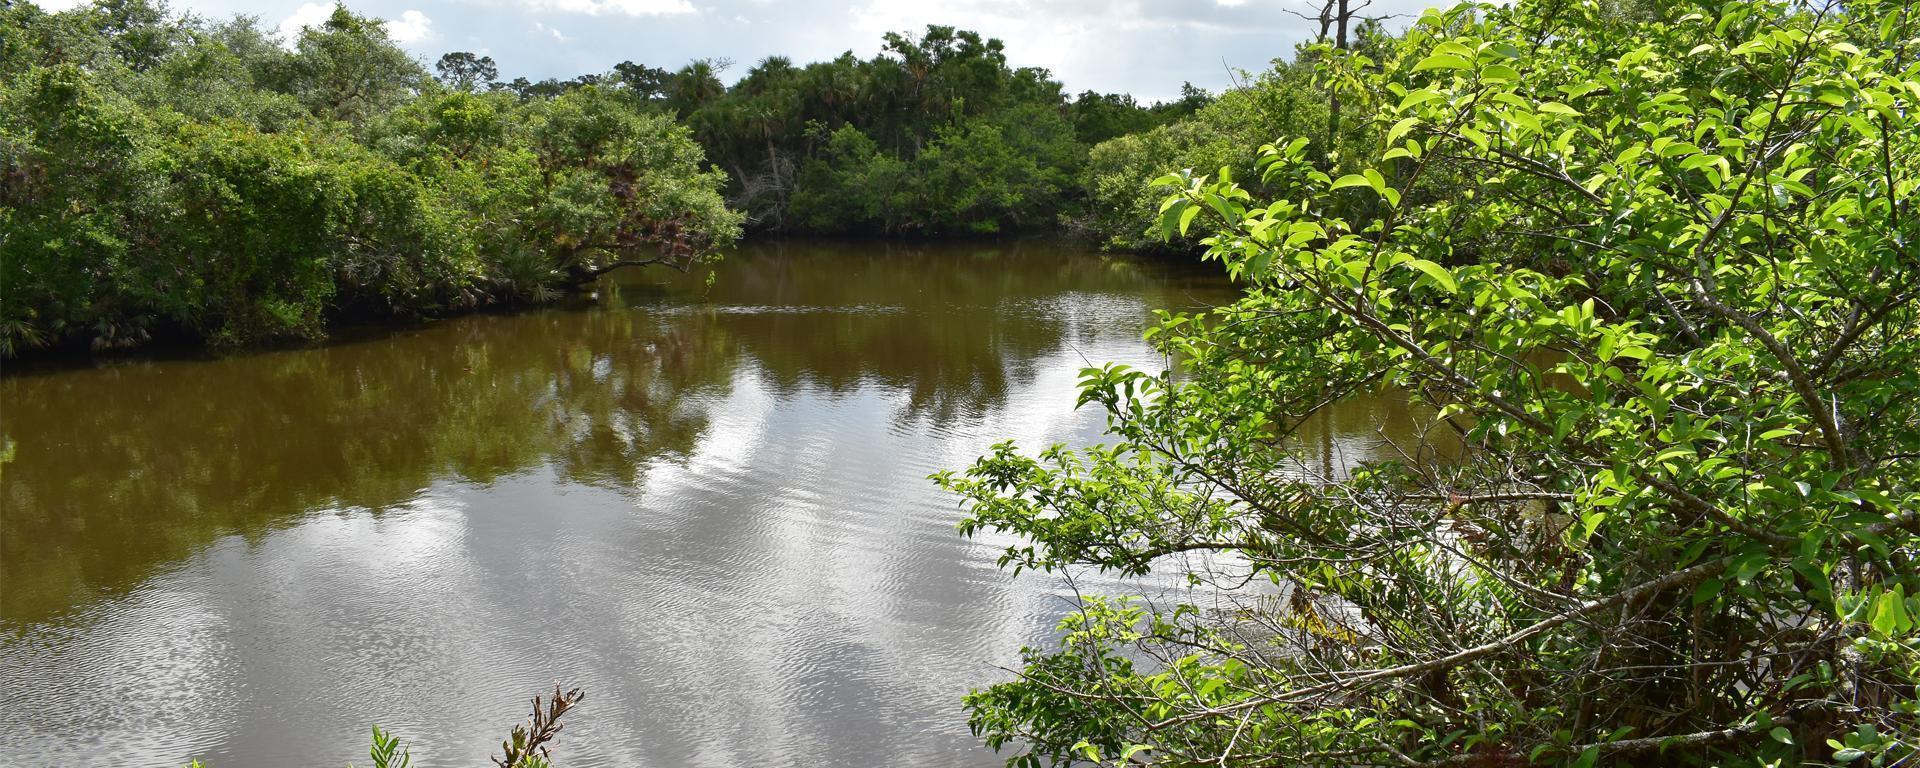 Water at Halpatiokee Regional Park